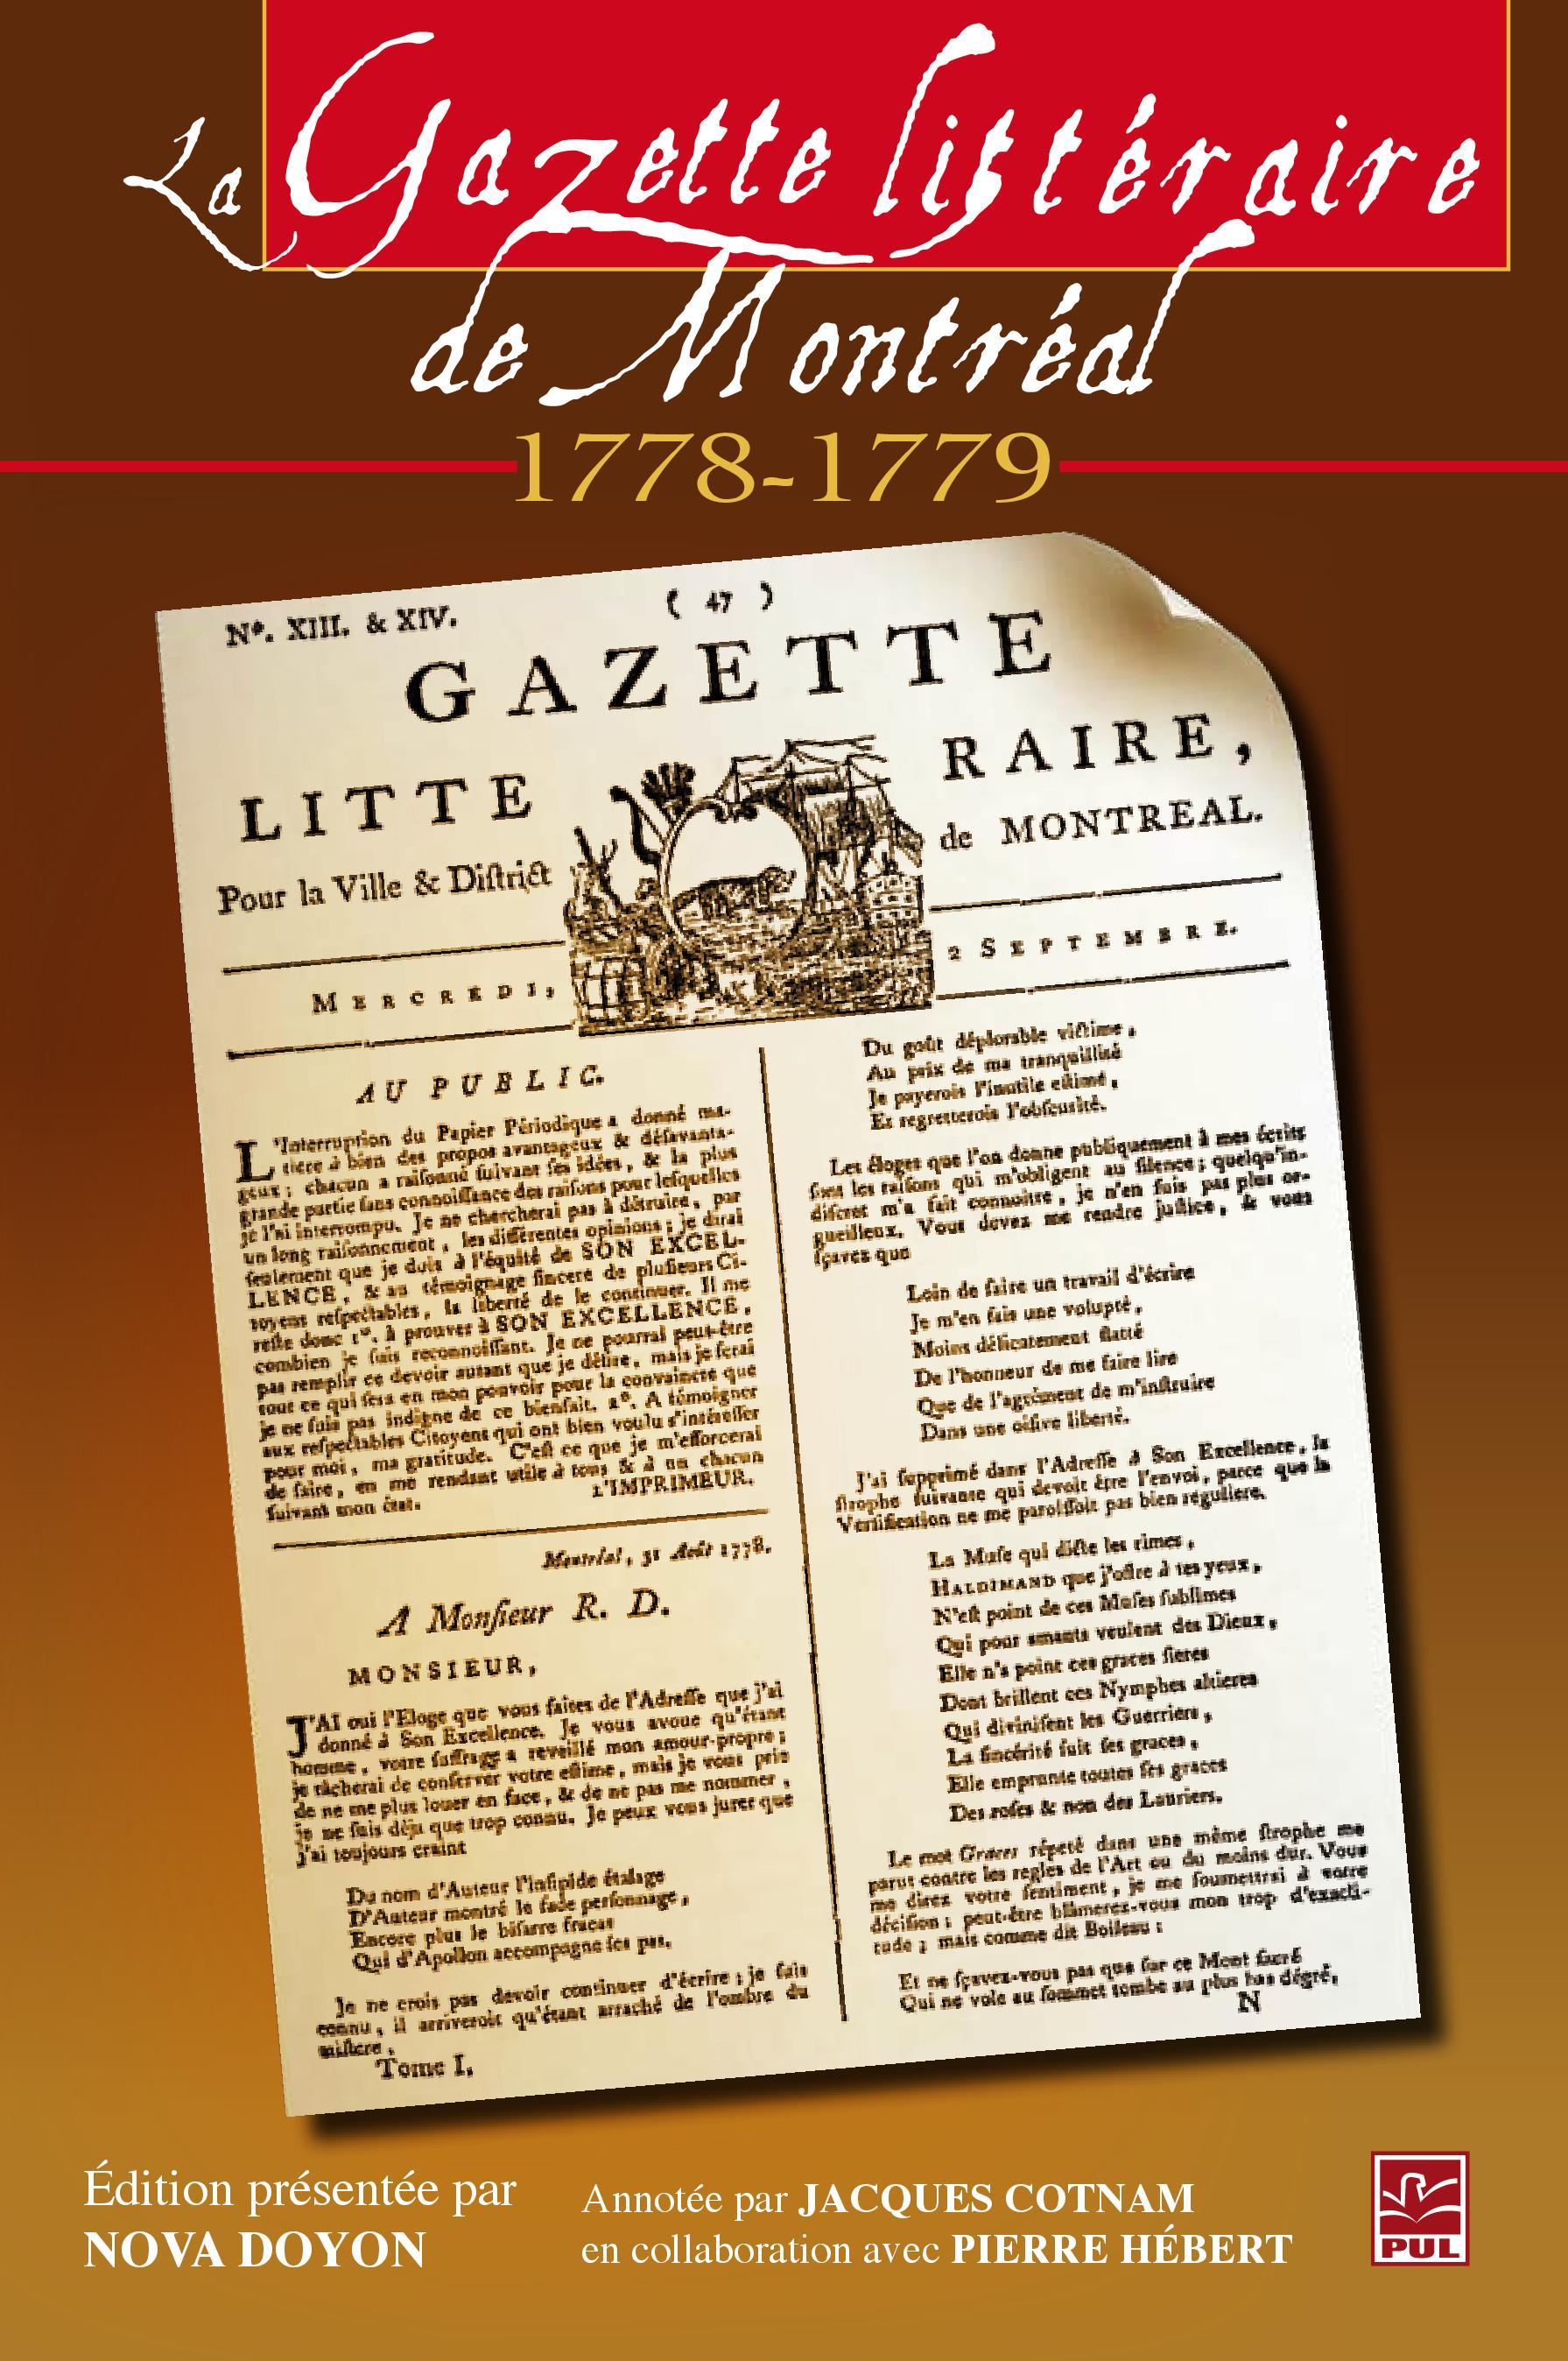 La Gazette littéraire de Montréal (1778-1779)